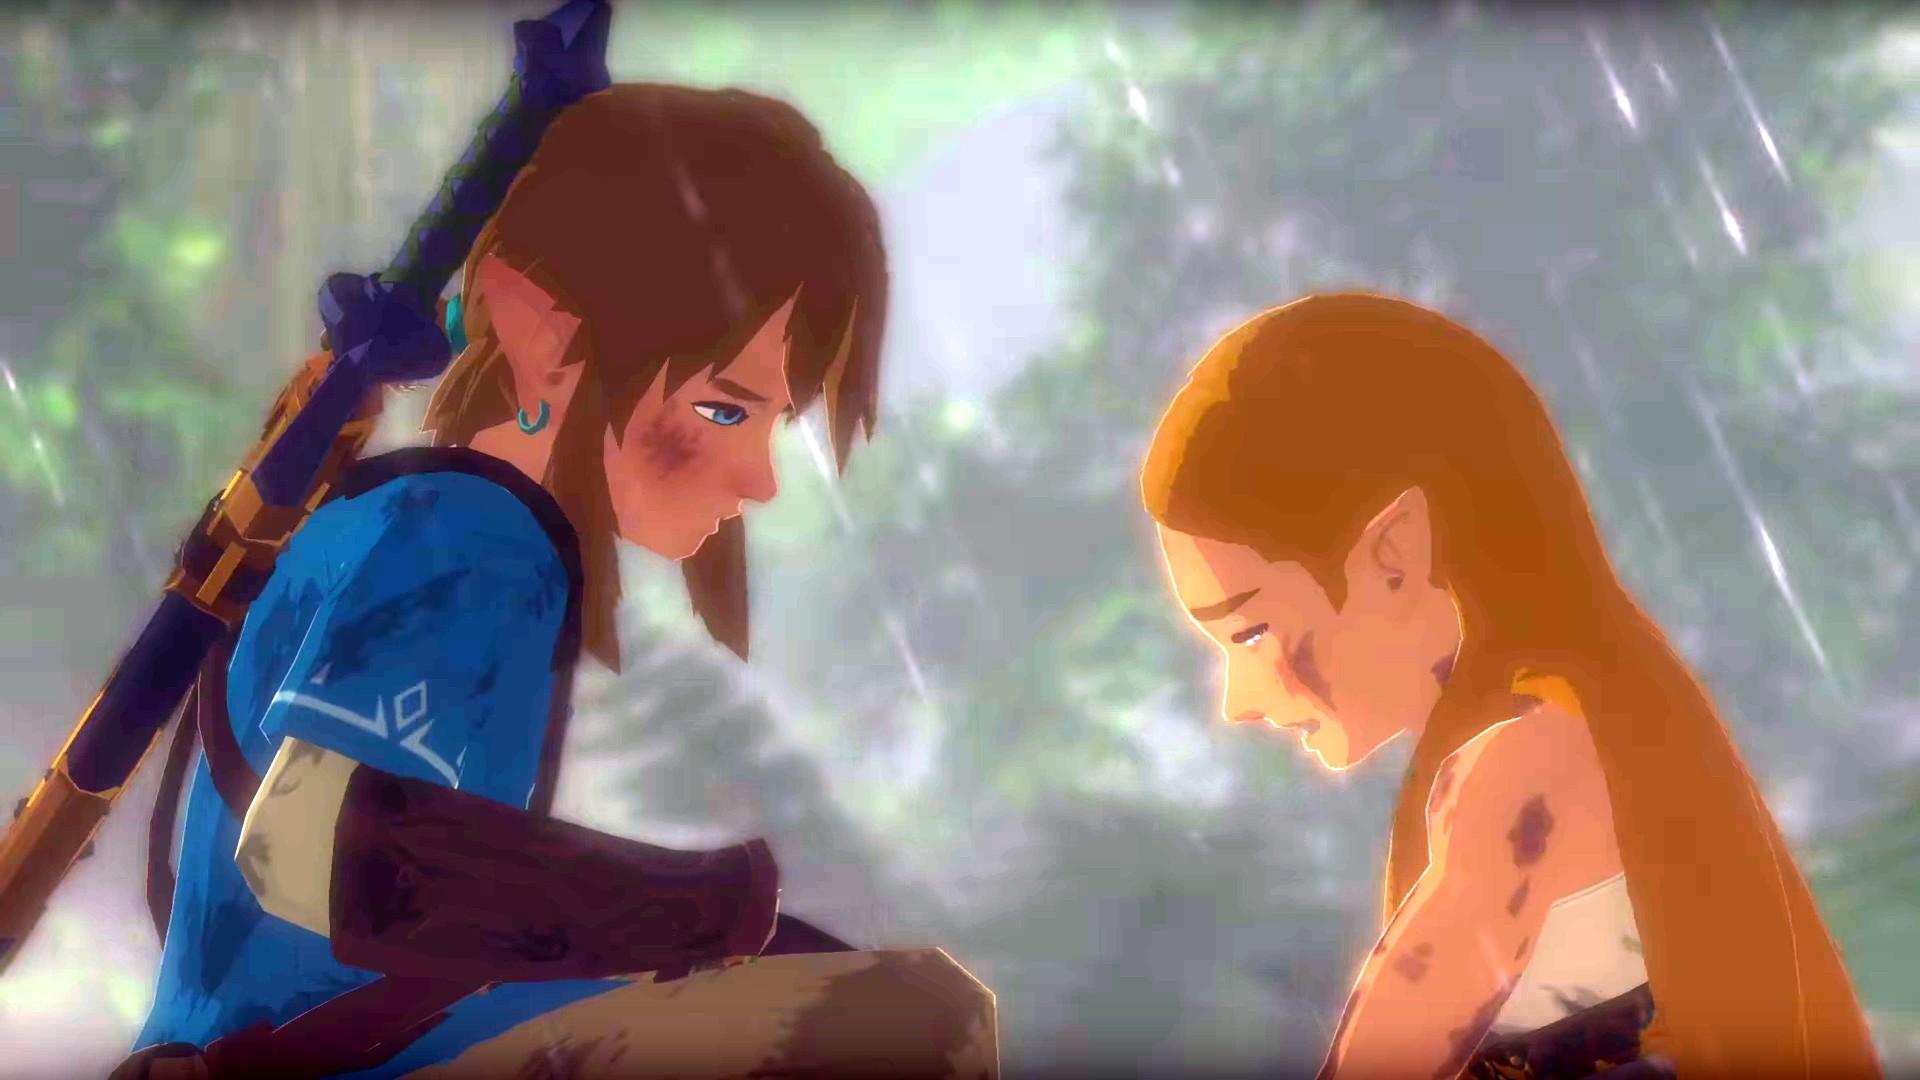 Zelda Wallpaper Breath Of The Wild: Zelda Link Wallpaper (70+ Images